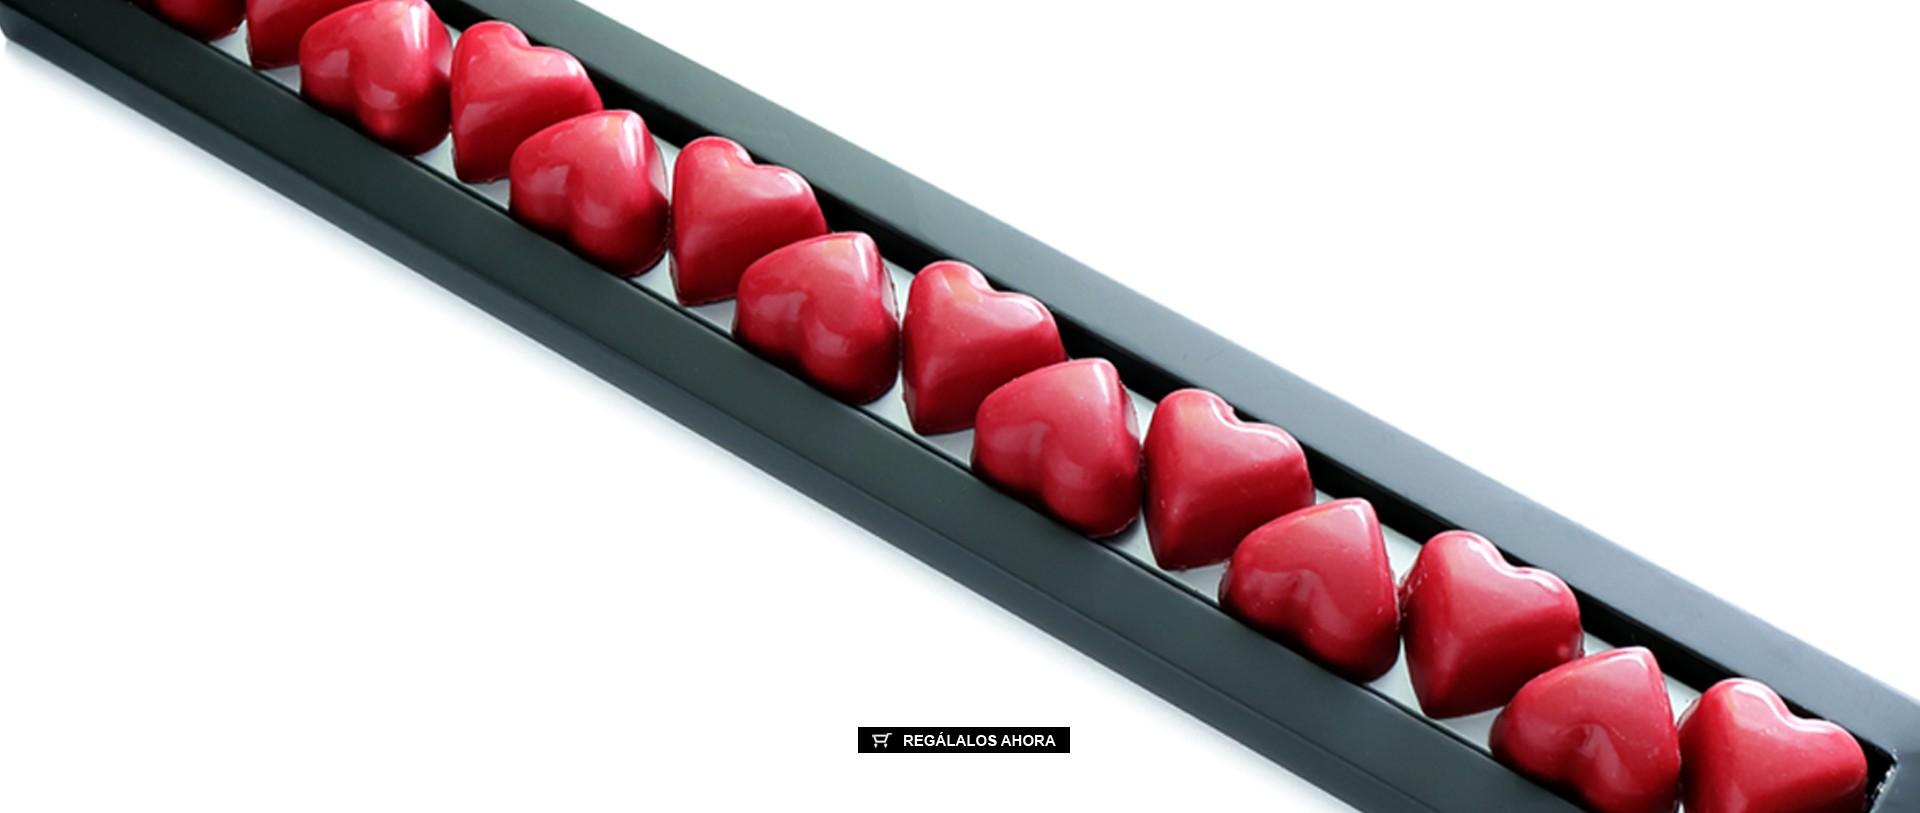 Bombones online con forma de corazón San Valentín